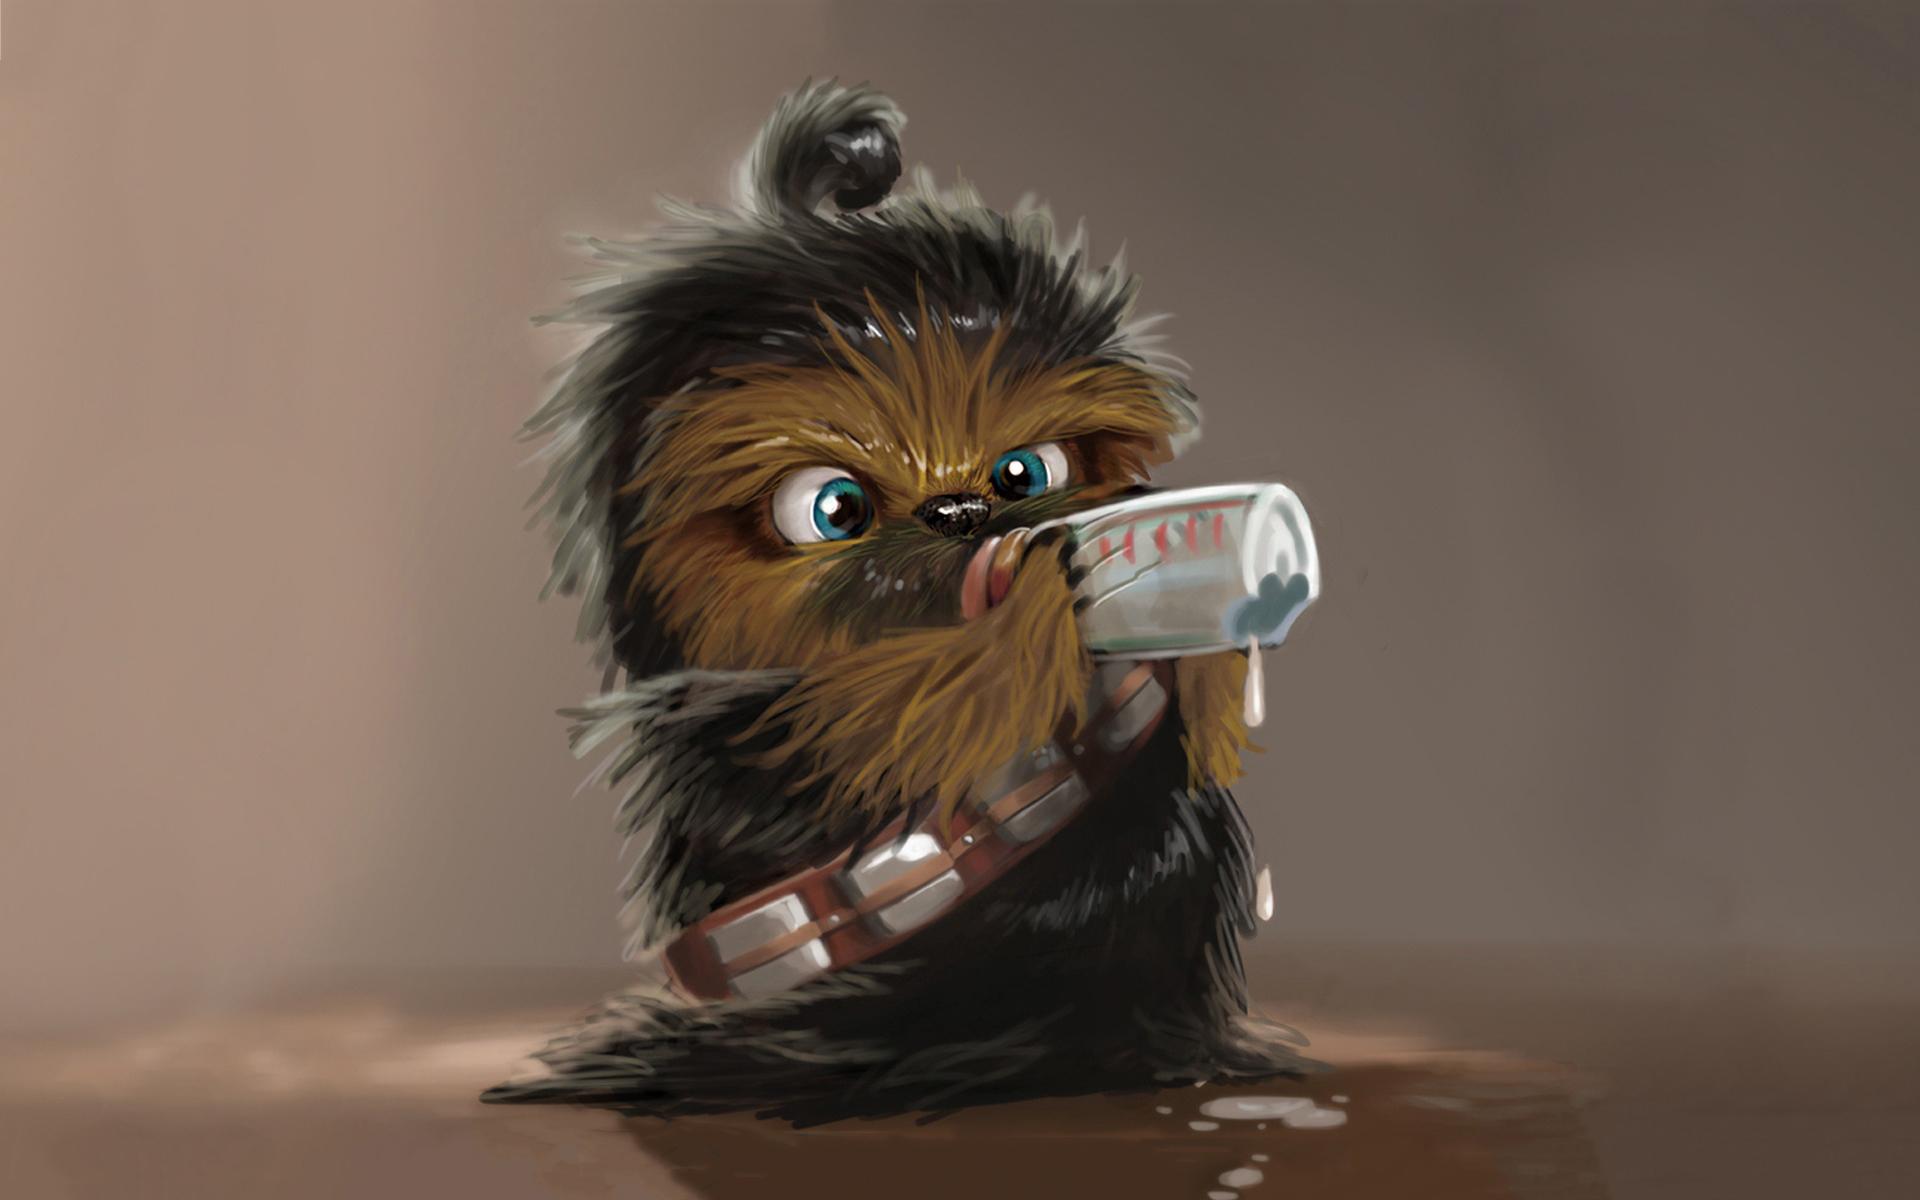 Chewbacca baby